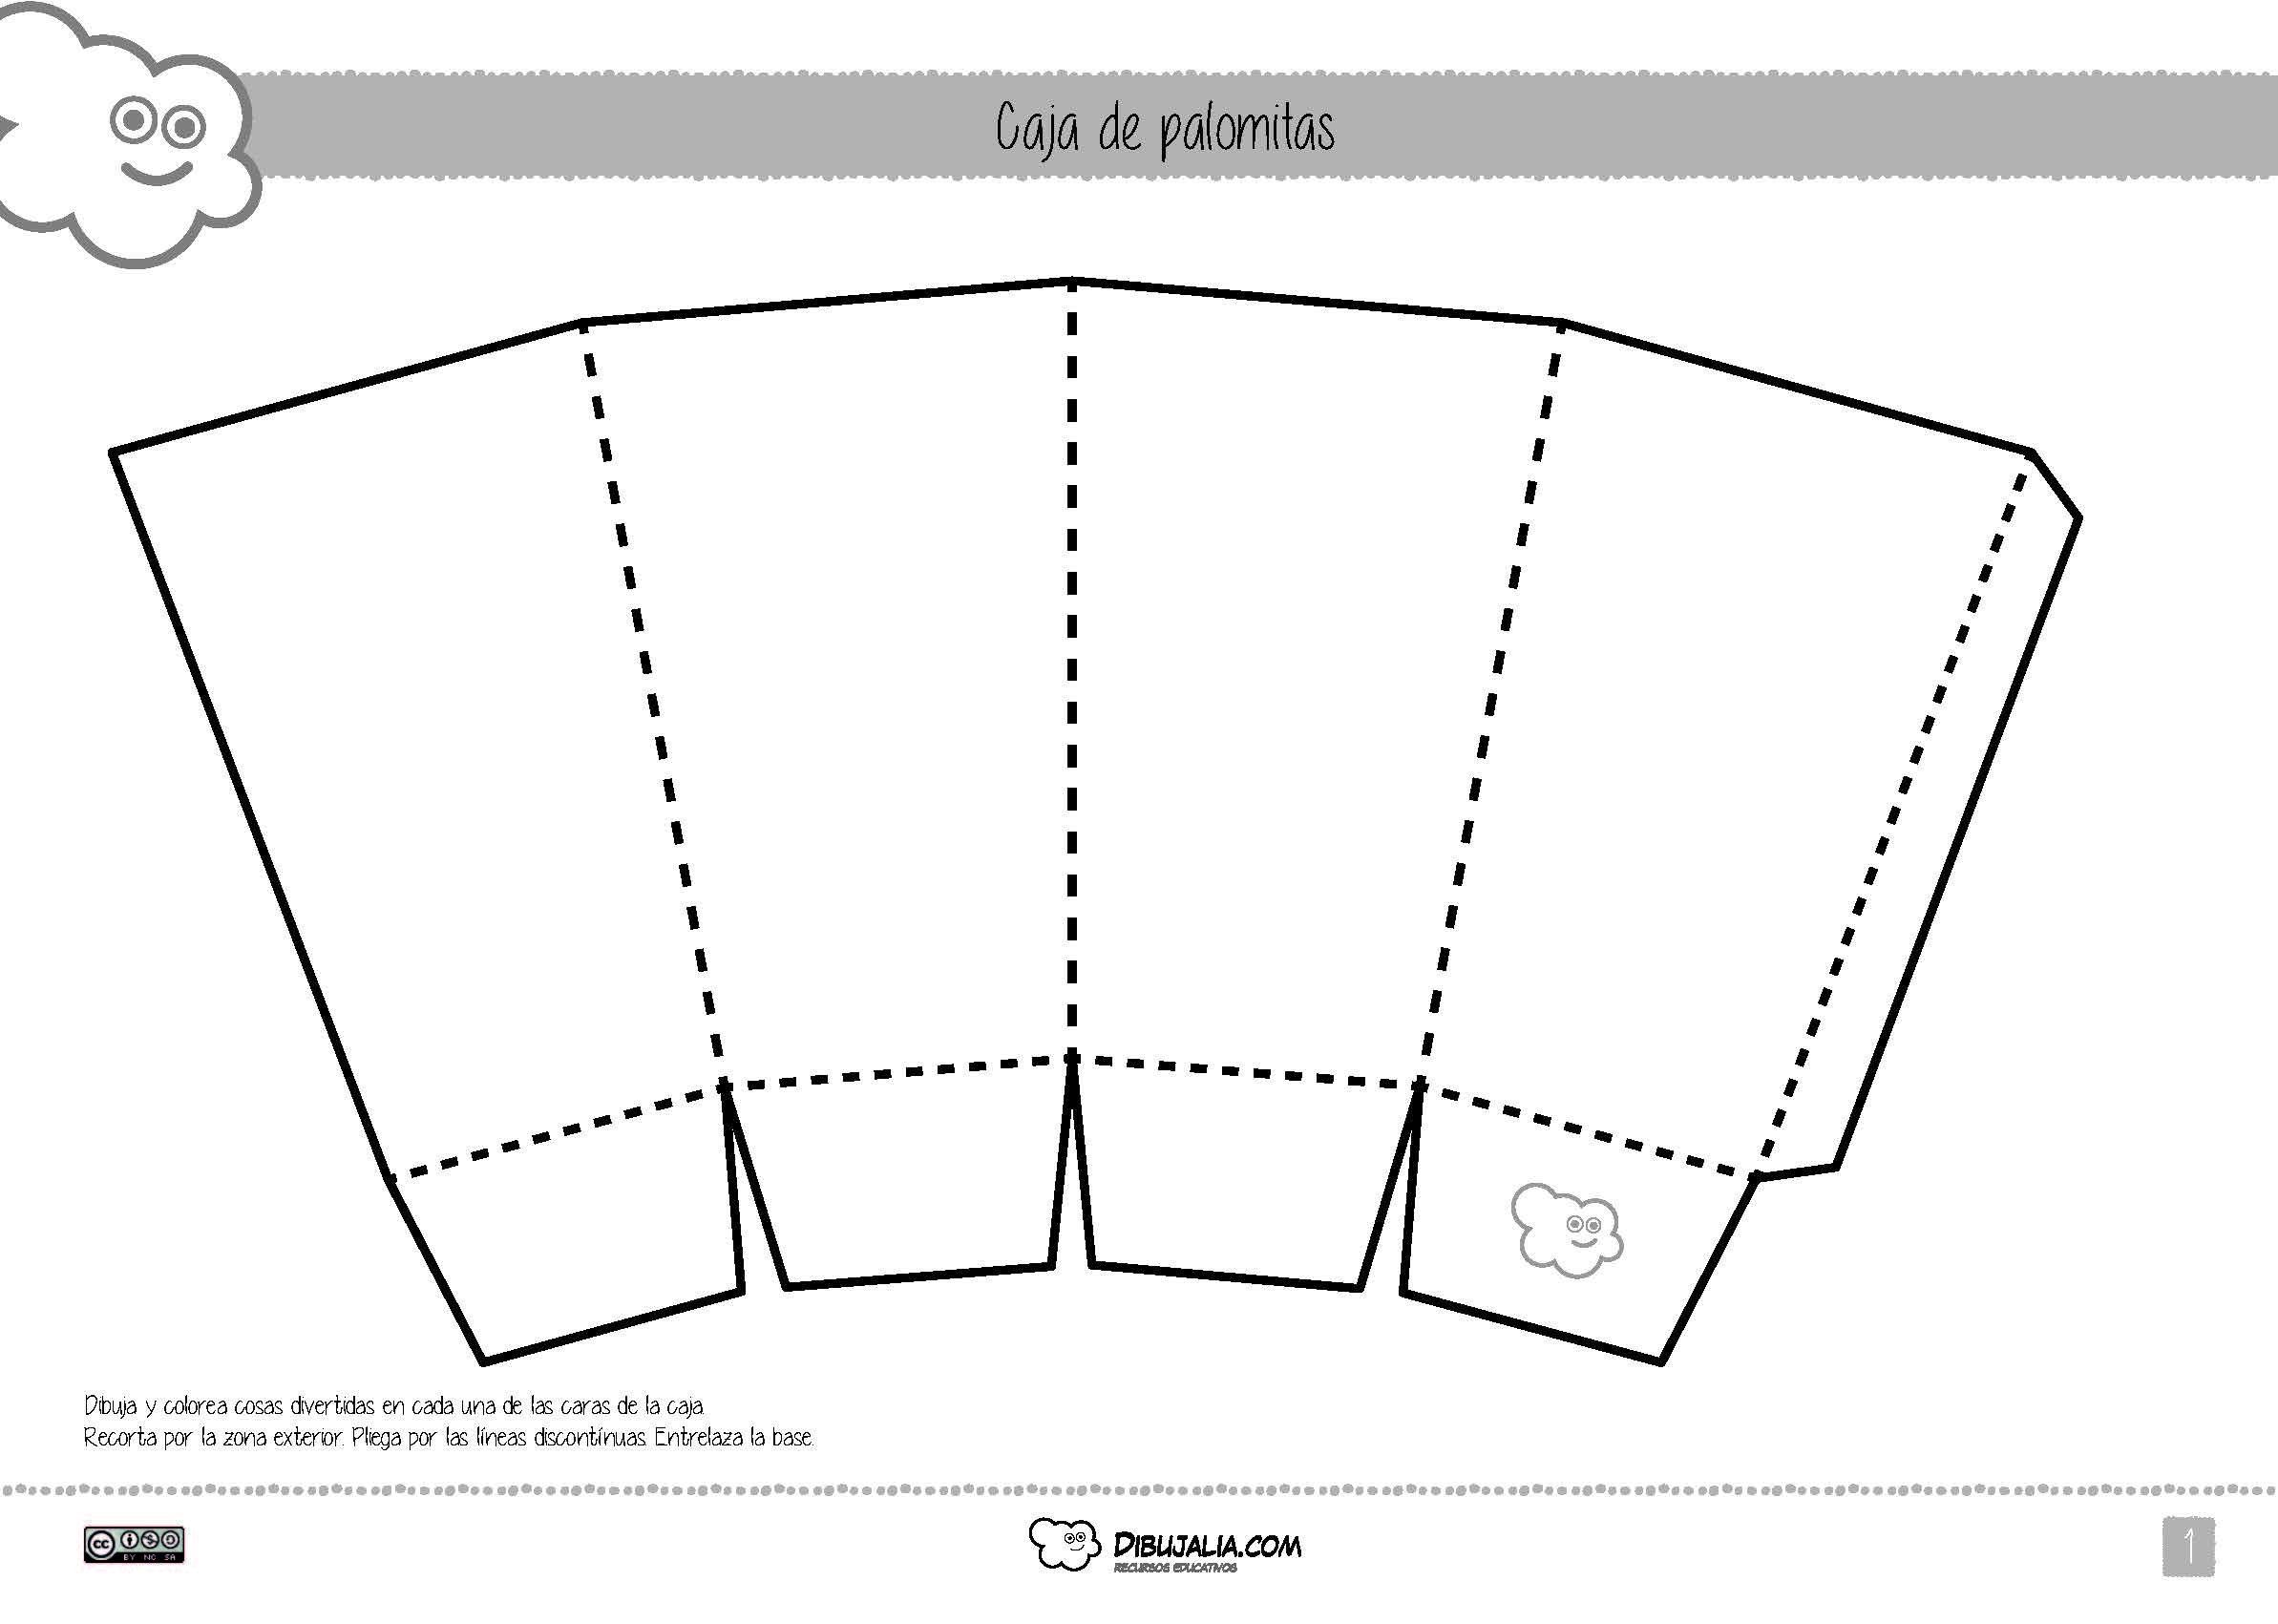 Dise a y construye tu caja de palomitas personalizada - Como hacer cajitas de cartulina ...